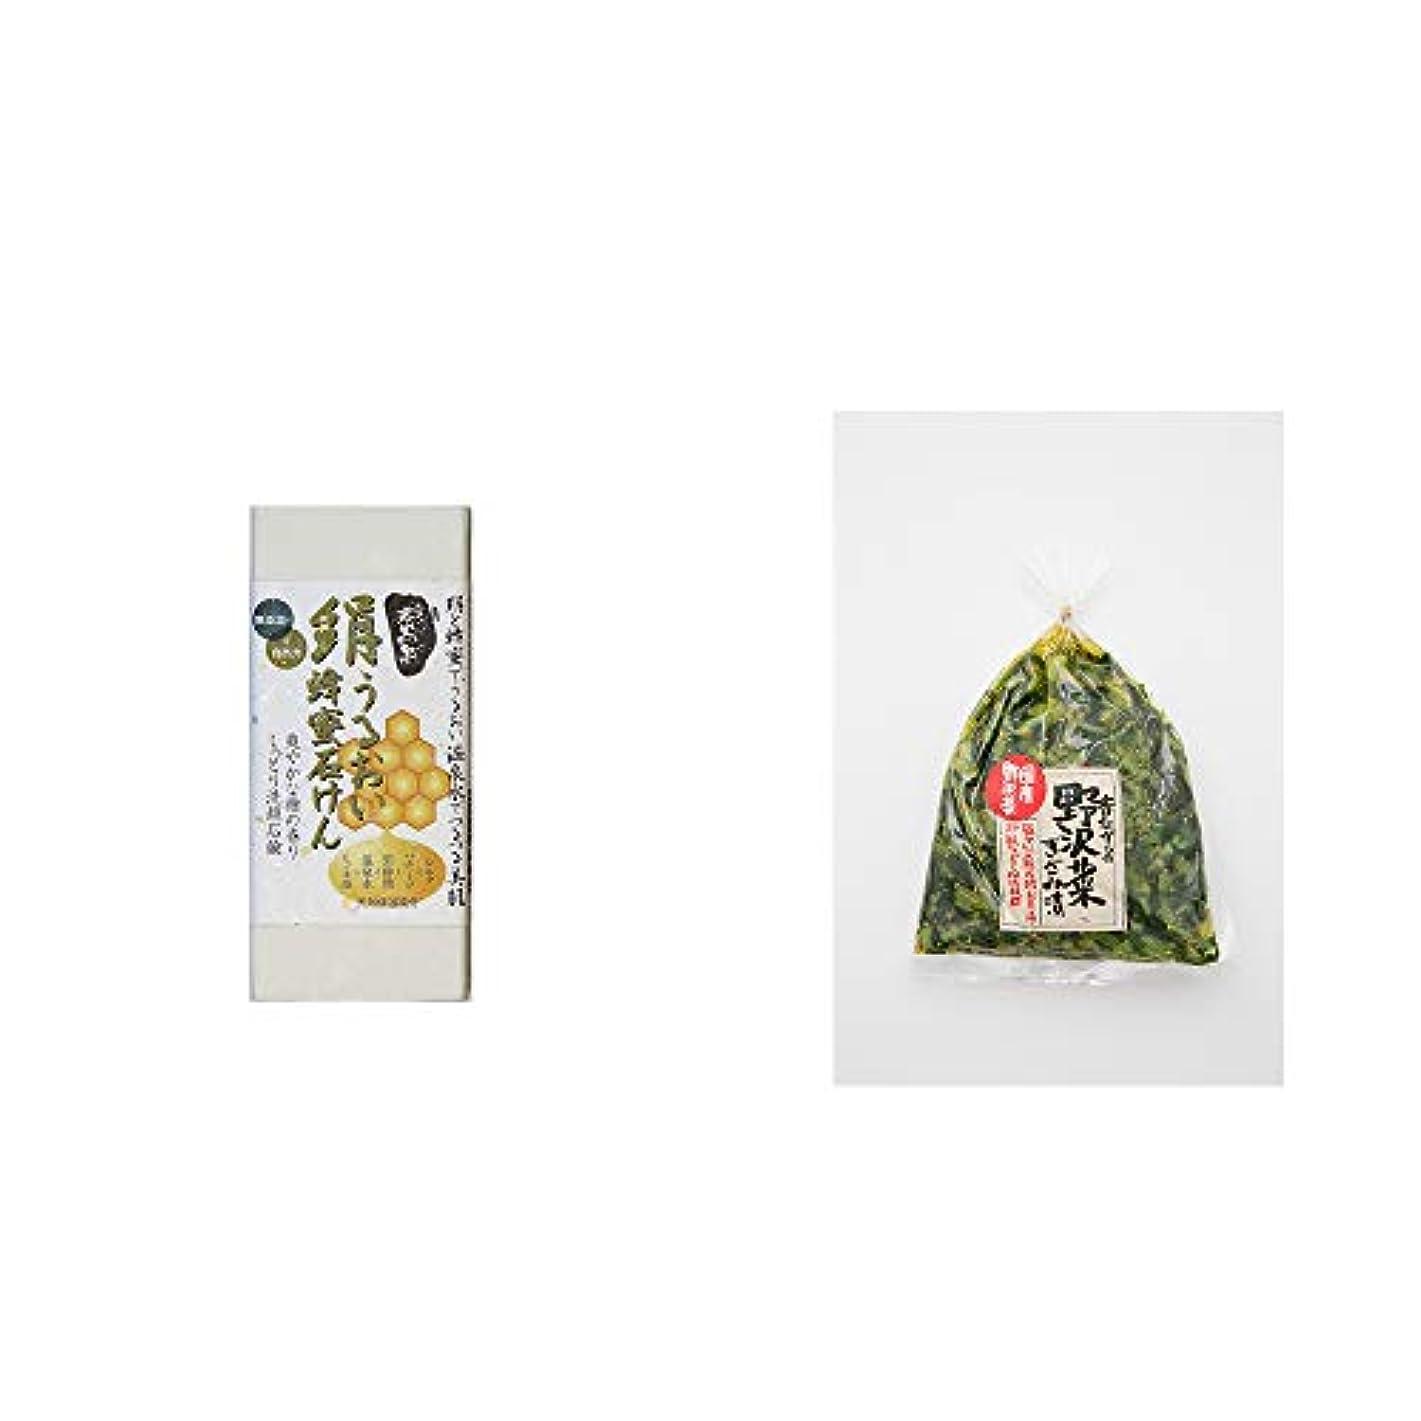 スナッチ有名人安定しました[2点セット] ひのき炭黒泉 絹うるおい蜂蜜石けん(75g×2)?国産 昔ながらの野沢菜きざみ漬け(150g)